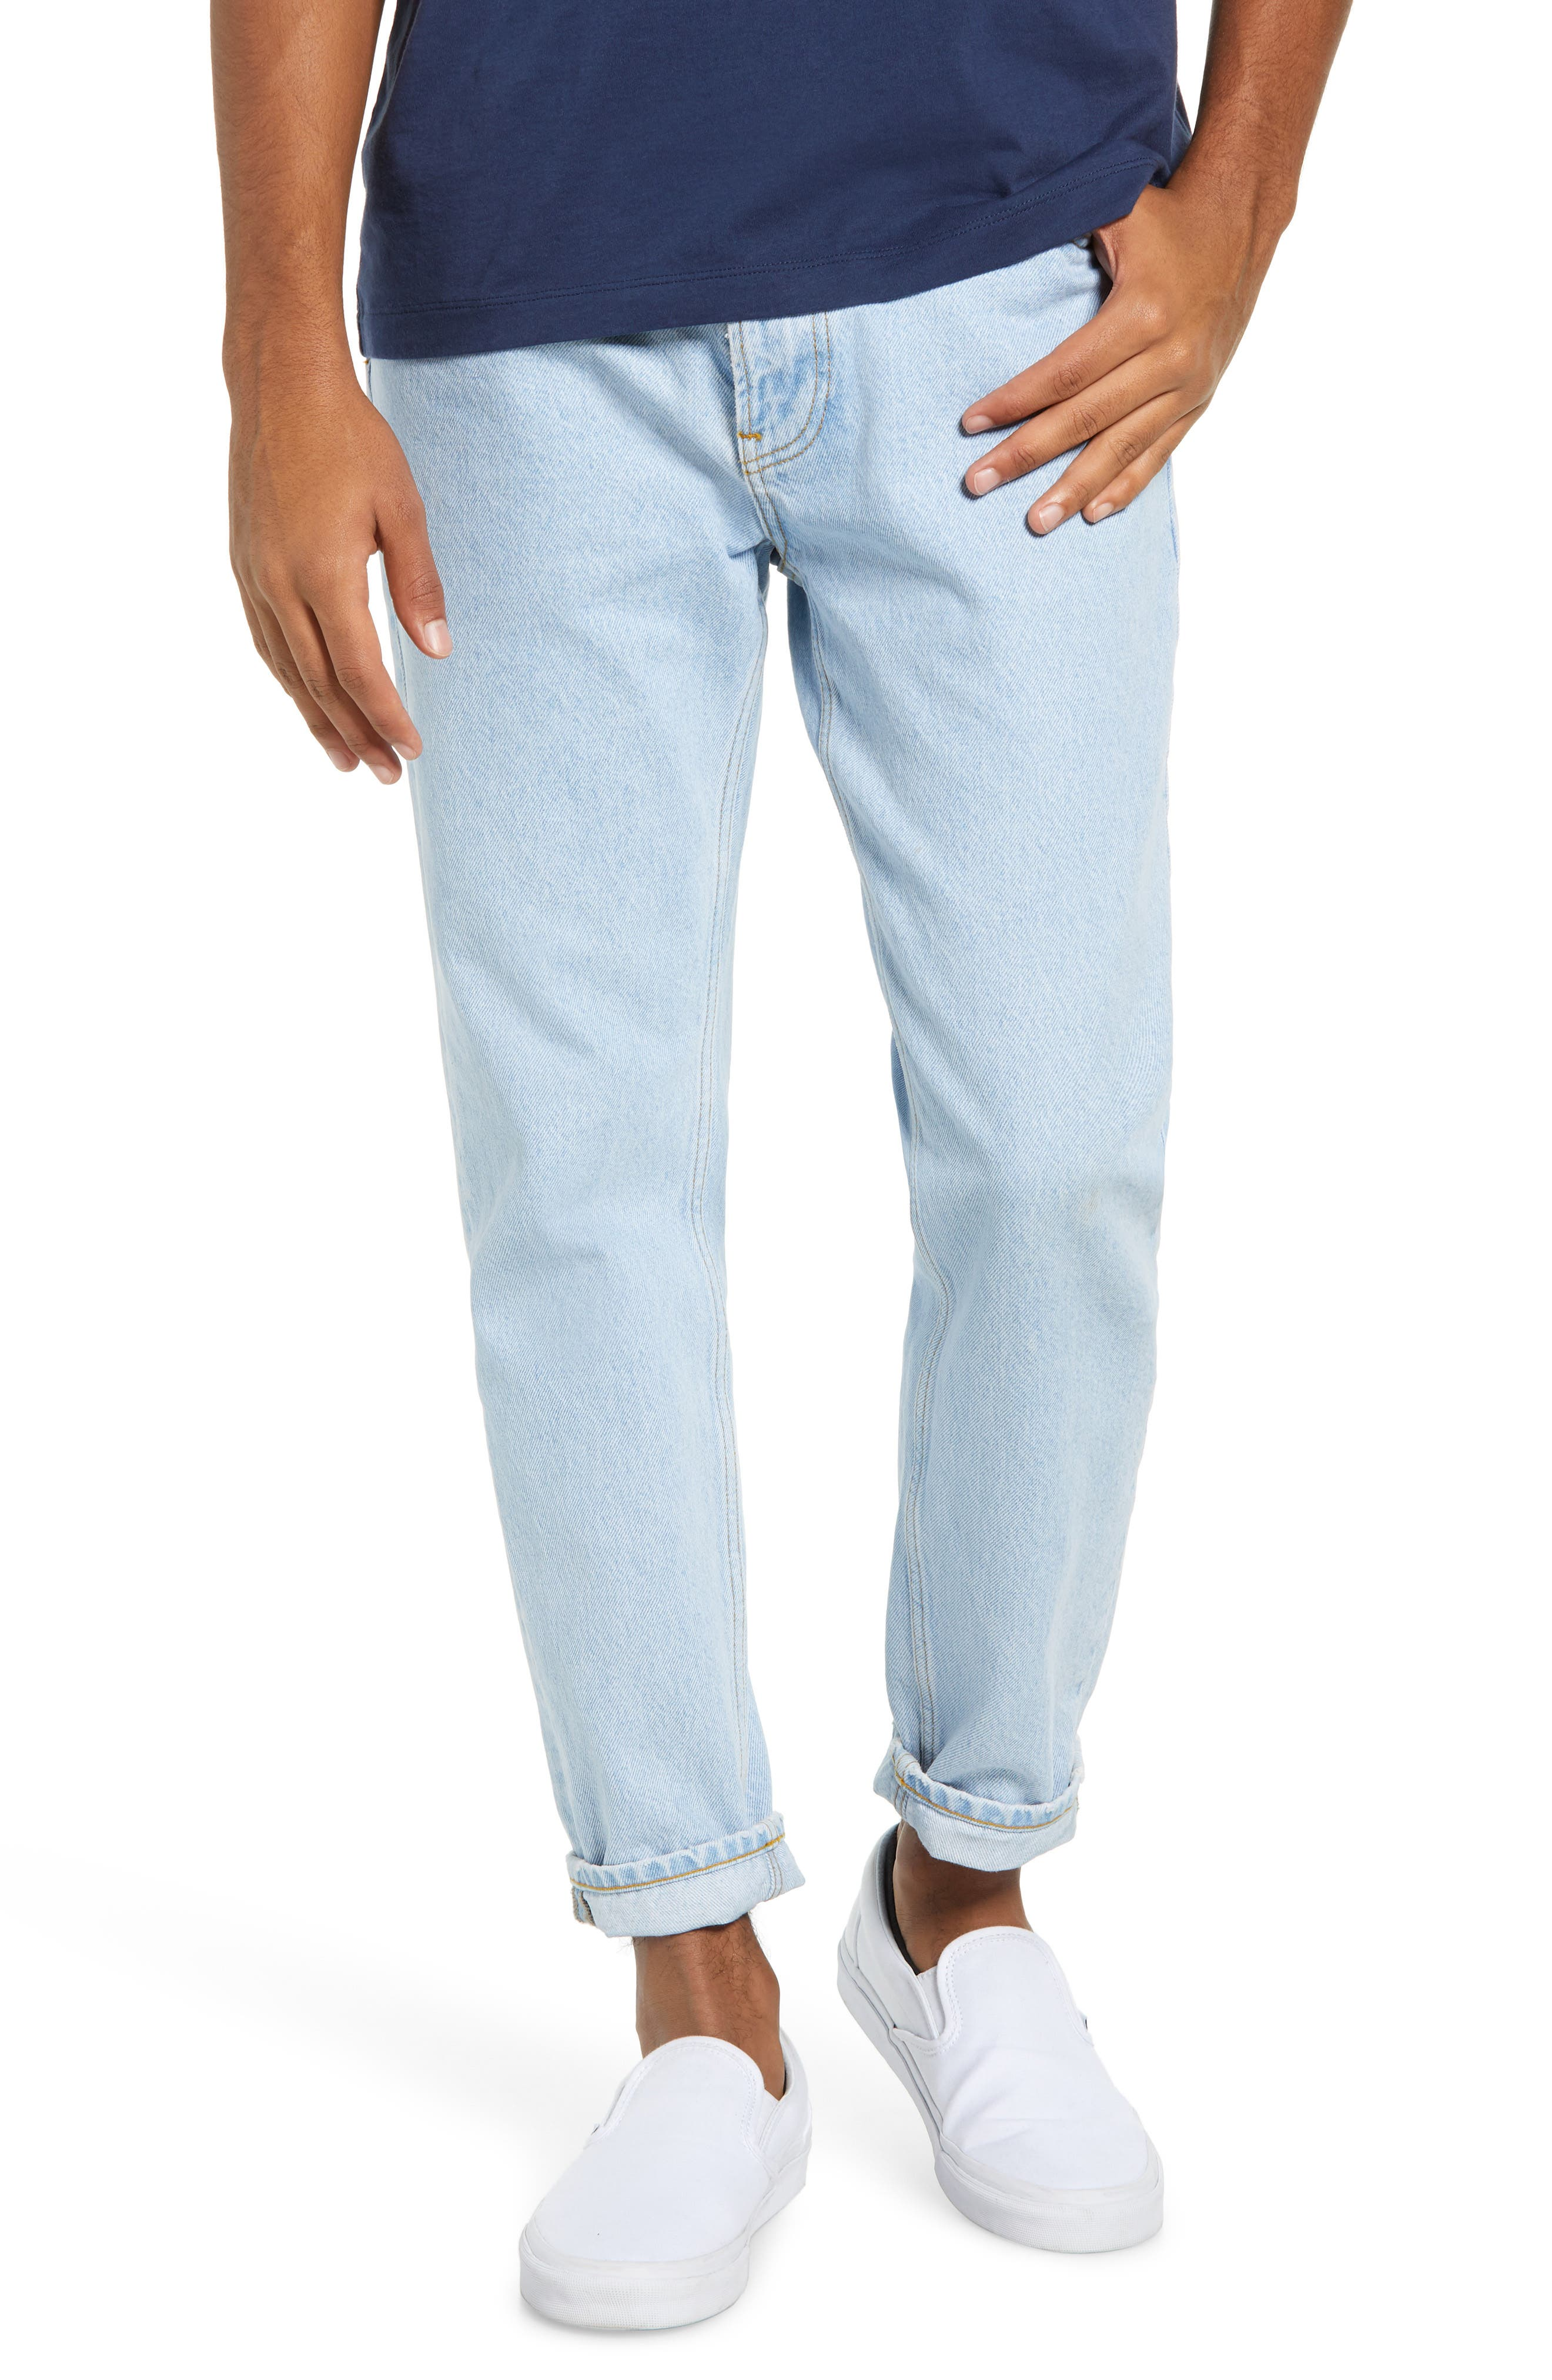 Crest Straight Leg Dad Jeans,                         Main,                         color, LIGHT BLUE DENIM